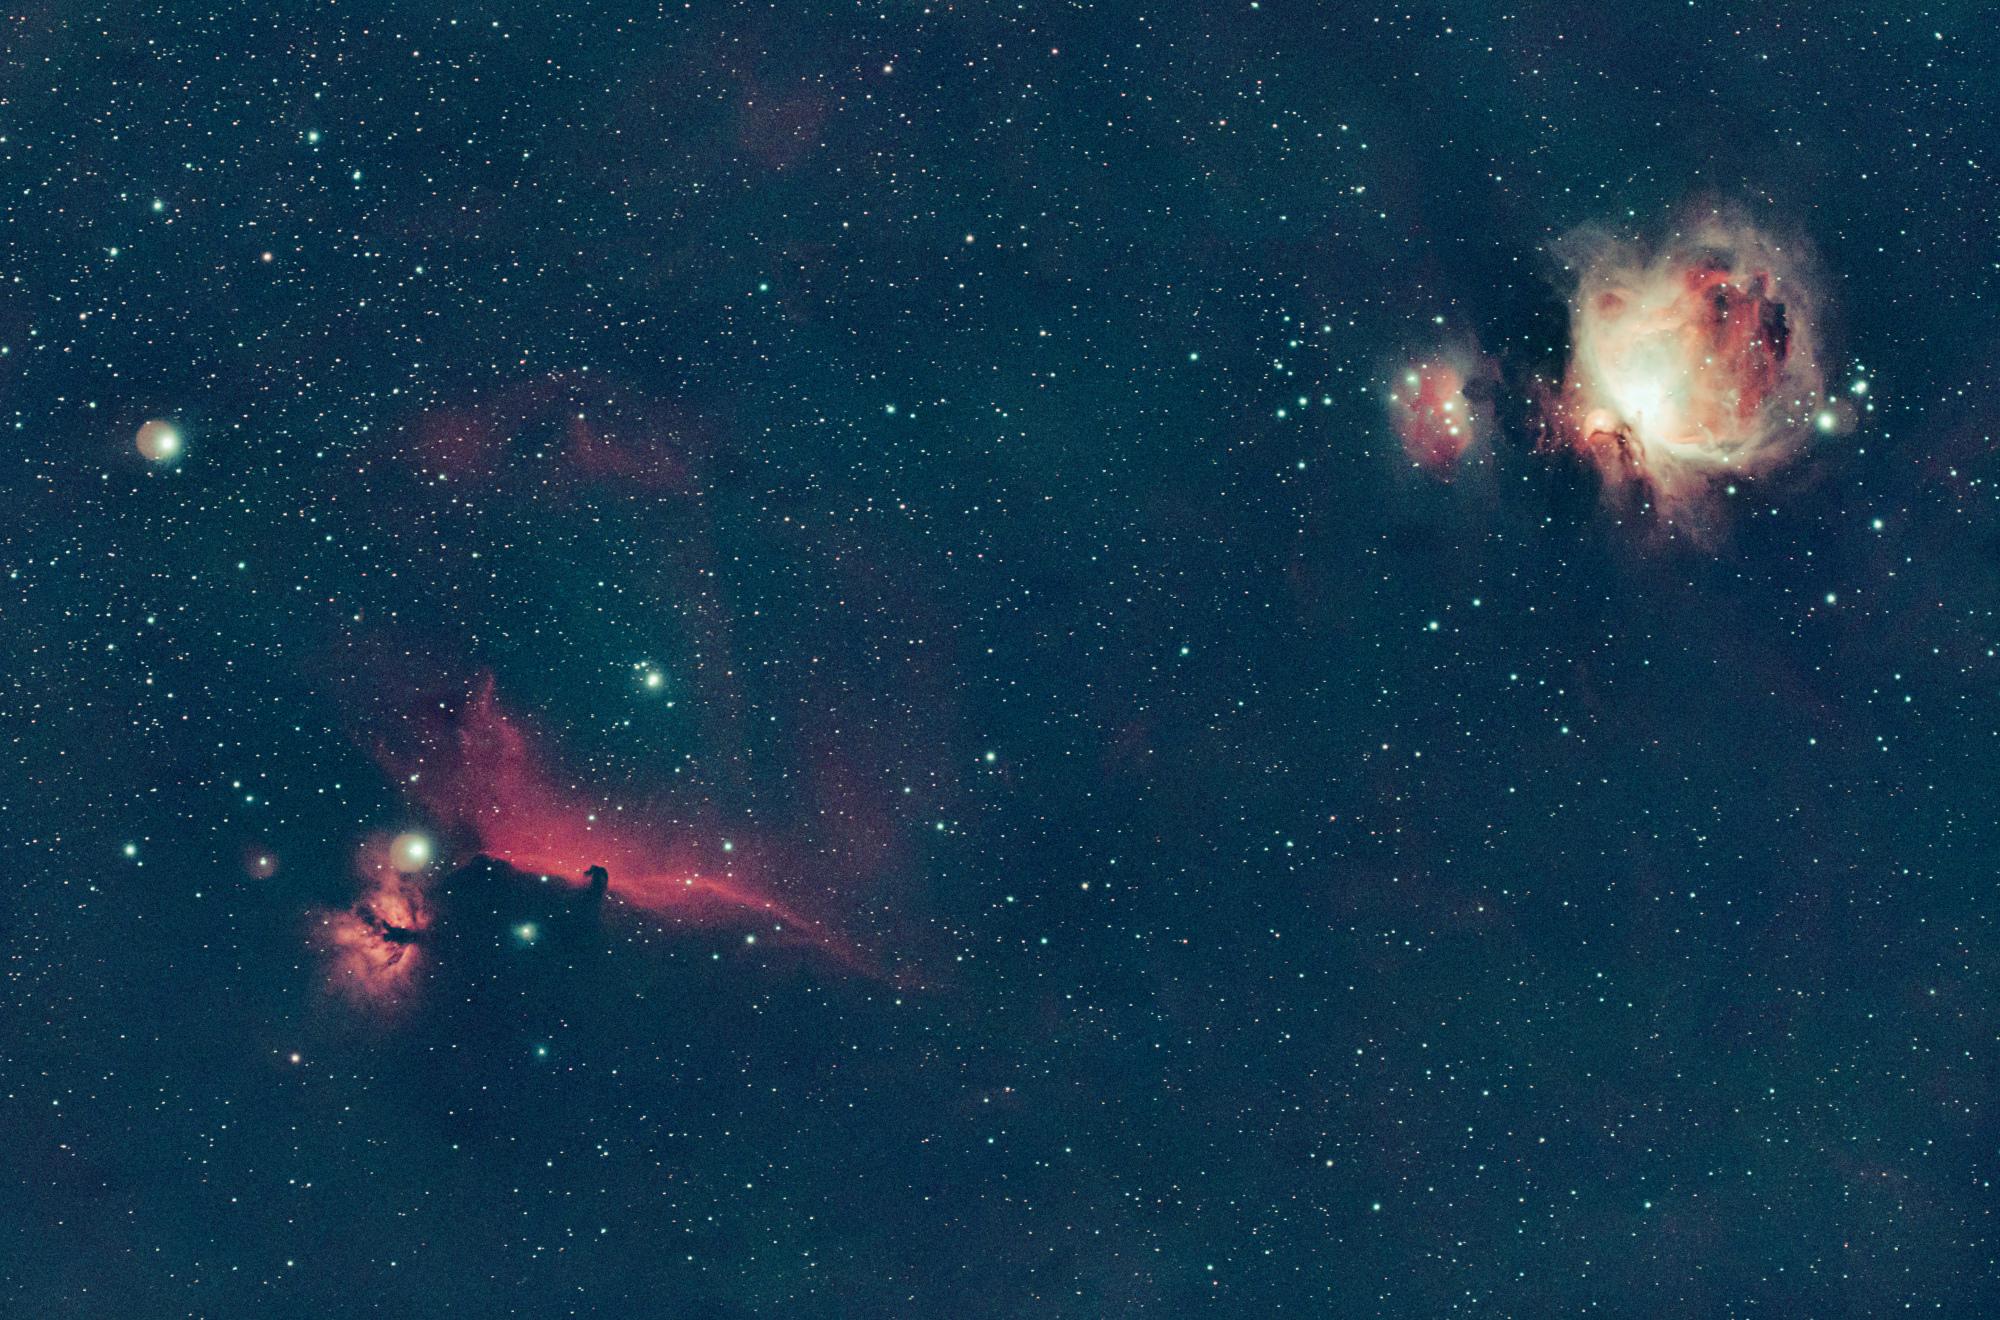 Orion_TS71_Z6_(1_sur_1).thumb.jpg.36b4f35babe5bf76a2e8113d5ca927fc.jpg